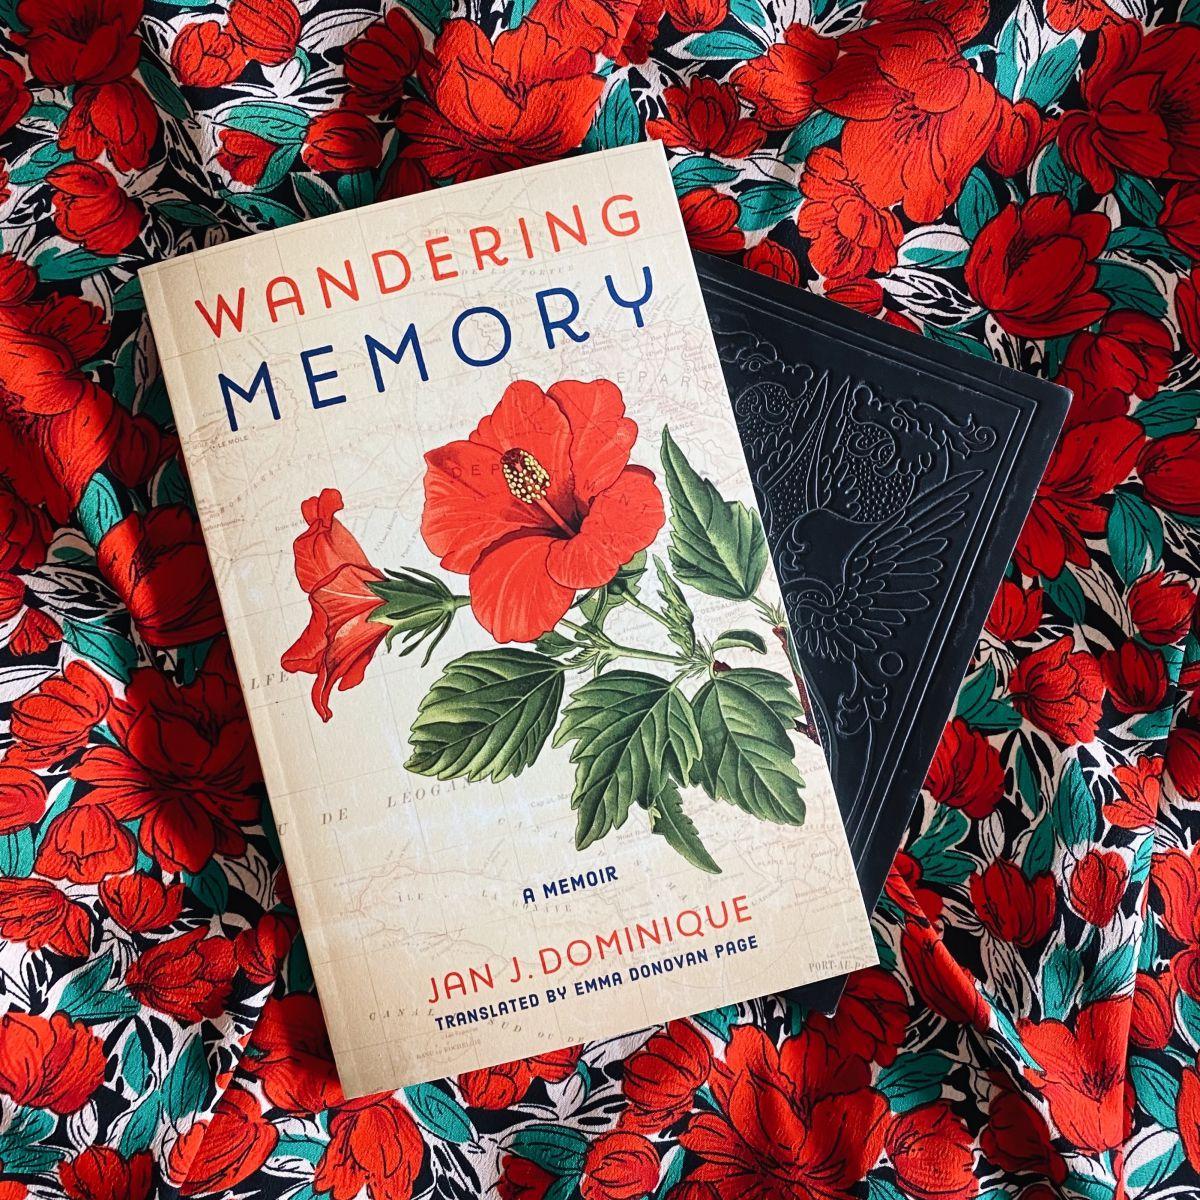 wandering-memory